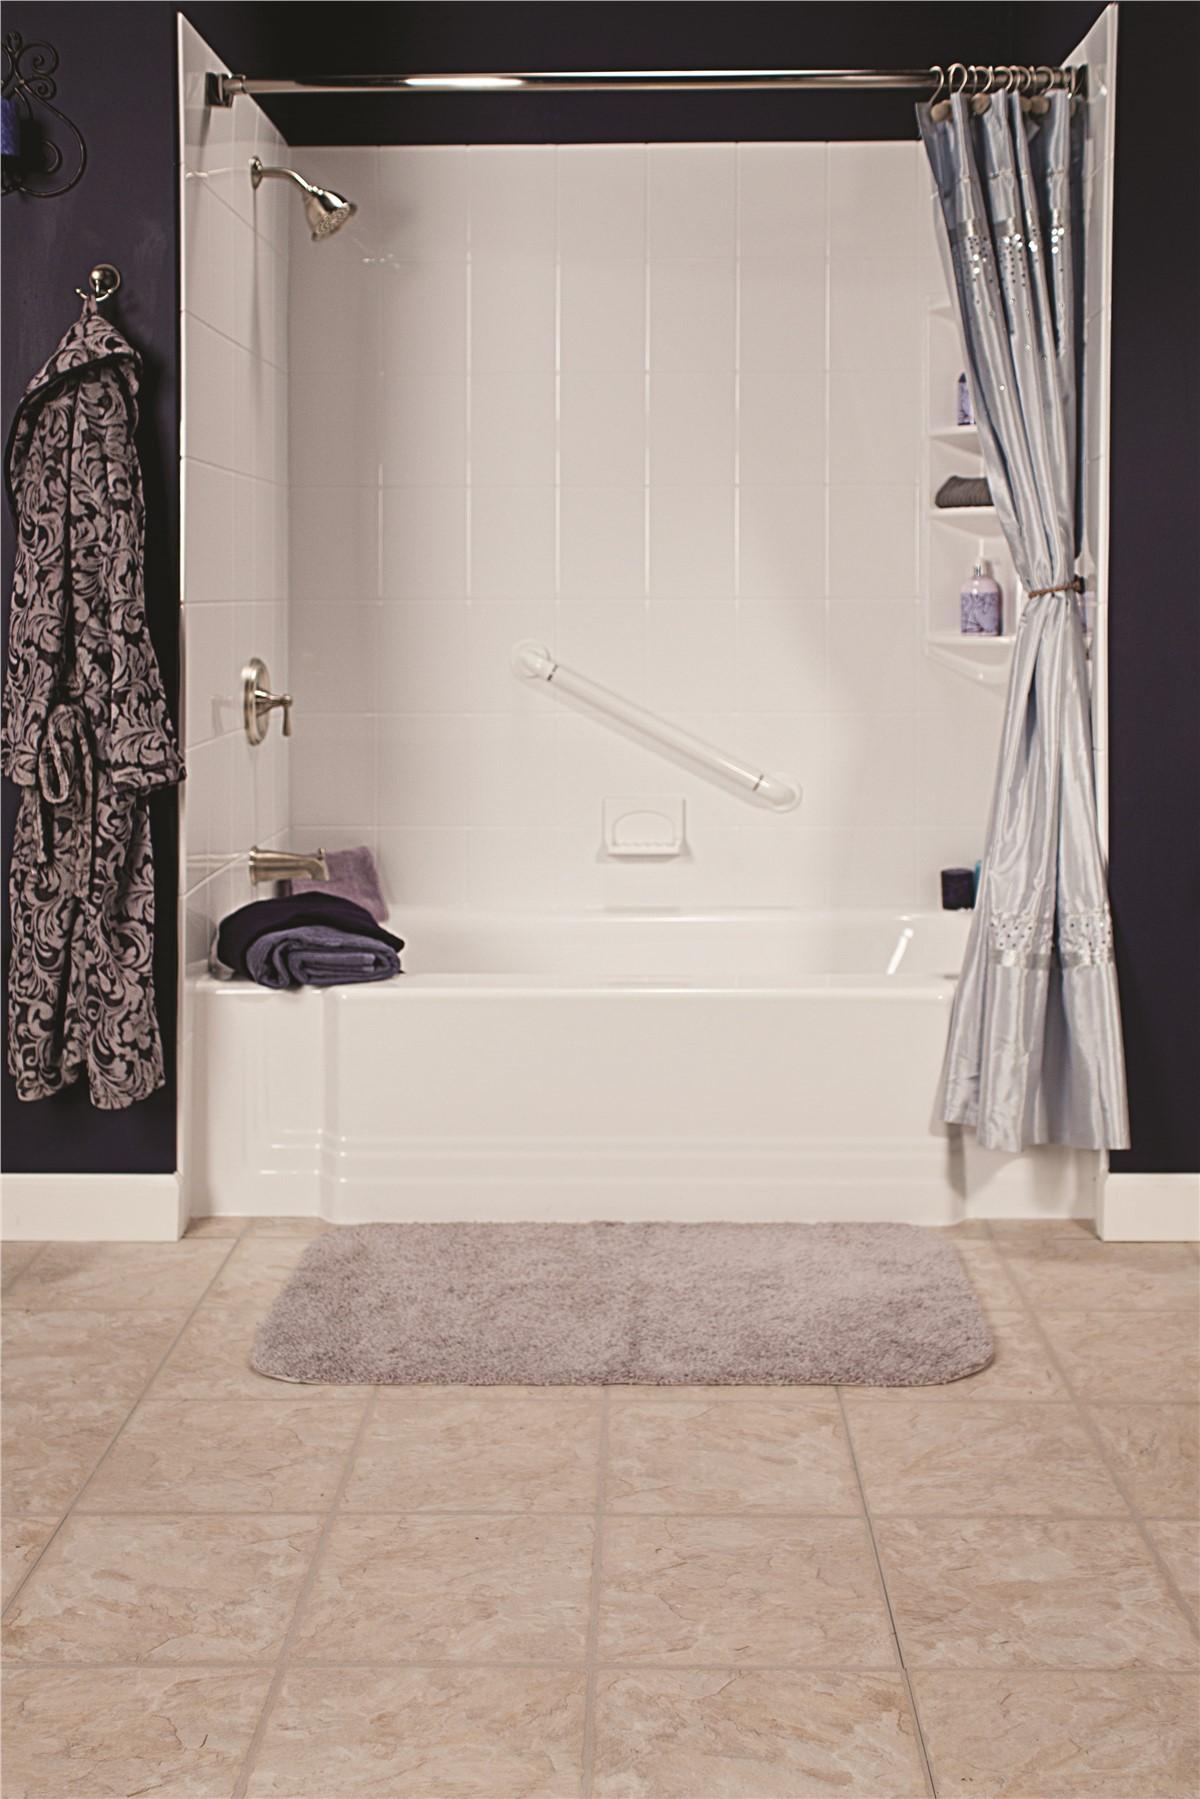 Baths   One Day Bath Photo 1